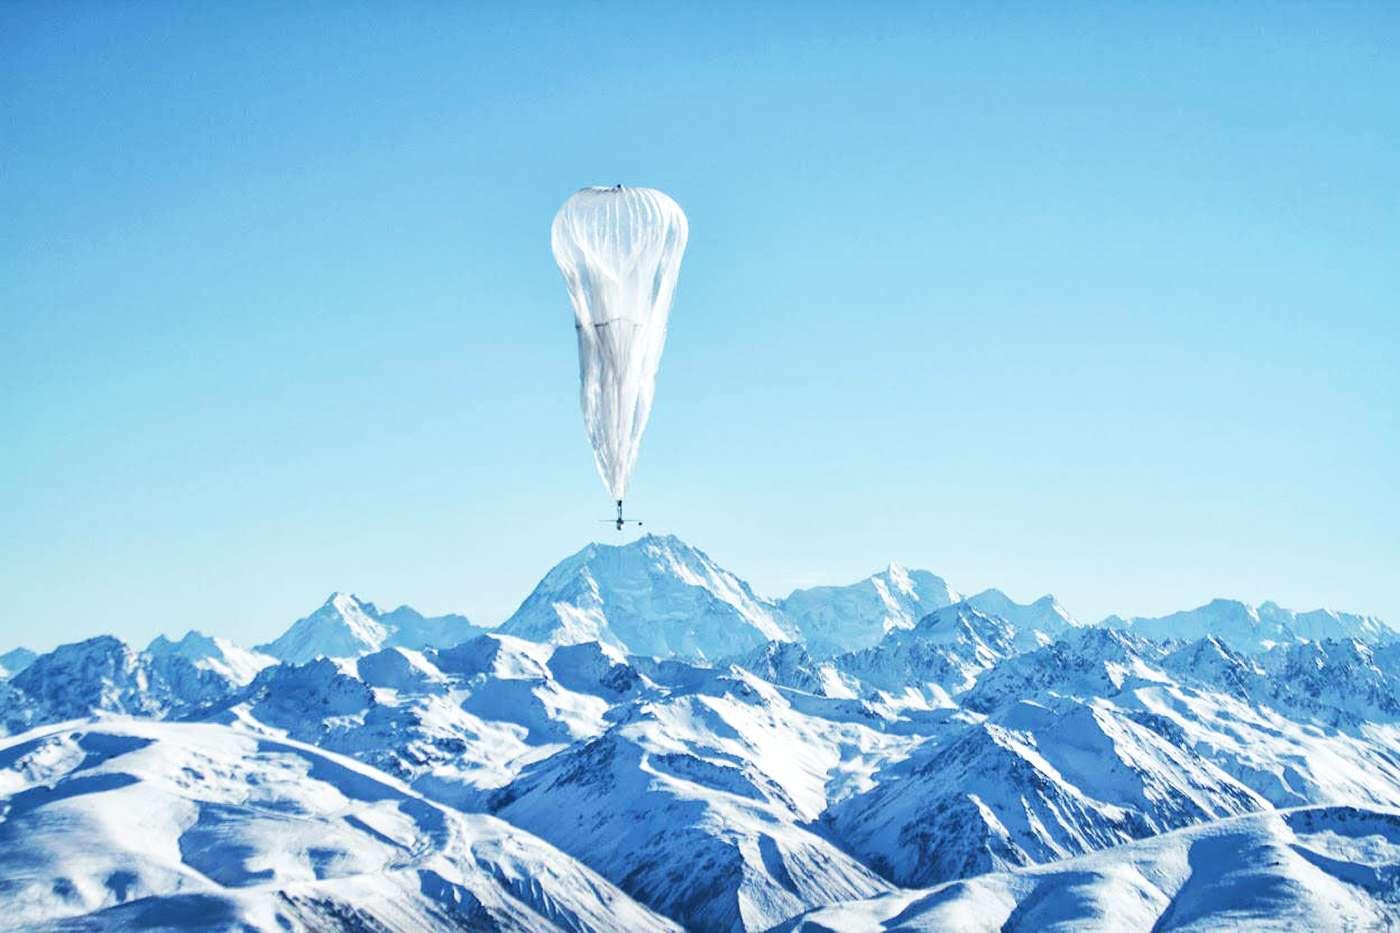 Proje Loon, balon tabanlı internet erişimi